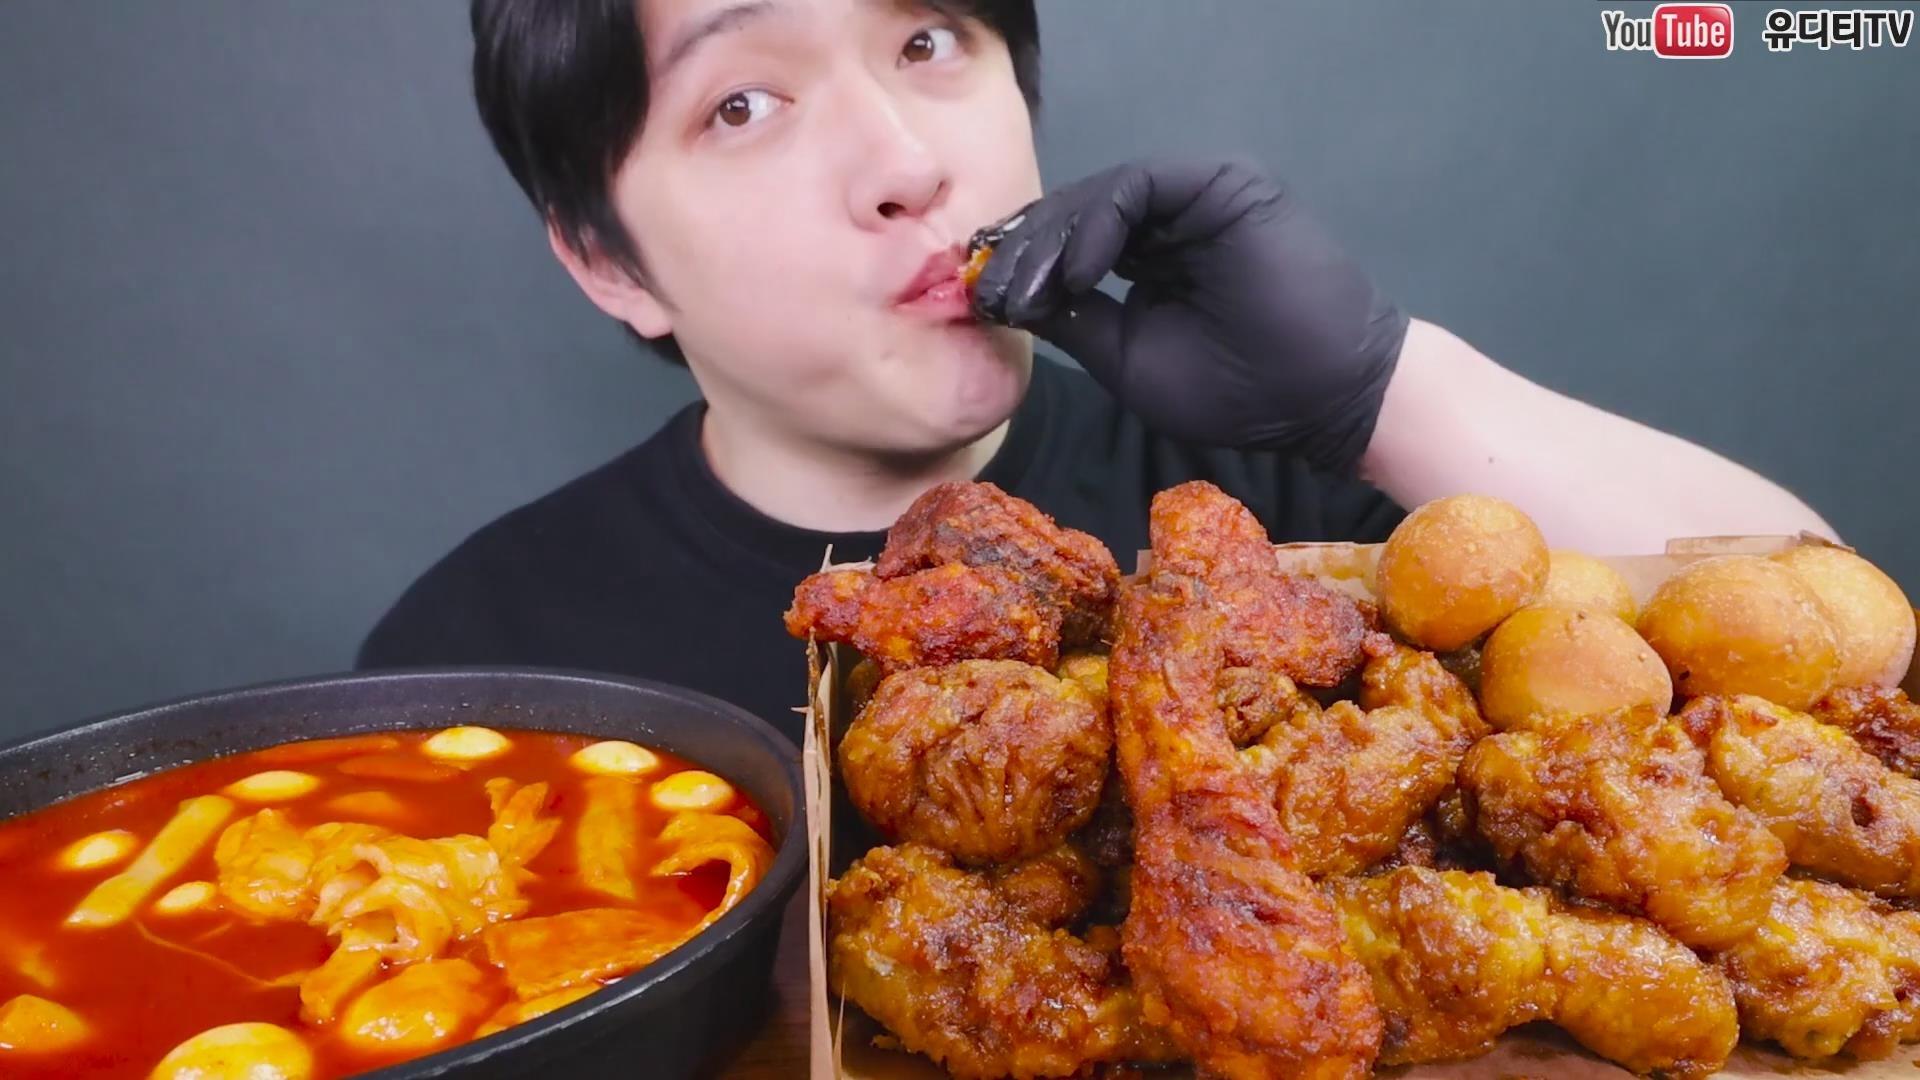 【Zach Choi】 BBQ橄榄炸鸡薯格洋葱圈+玉米沙拉